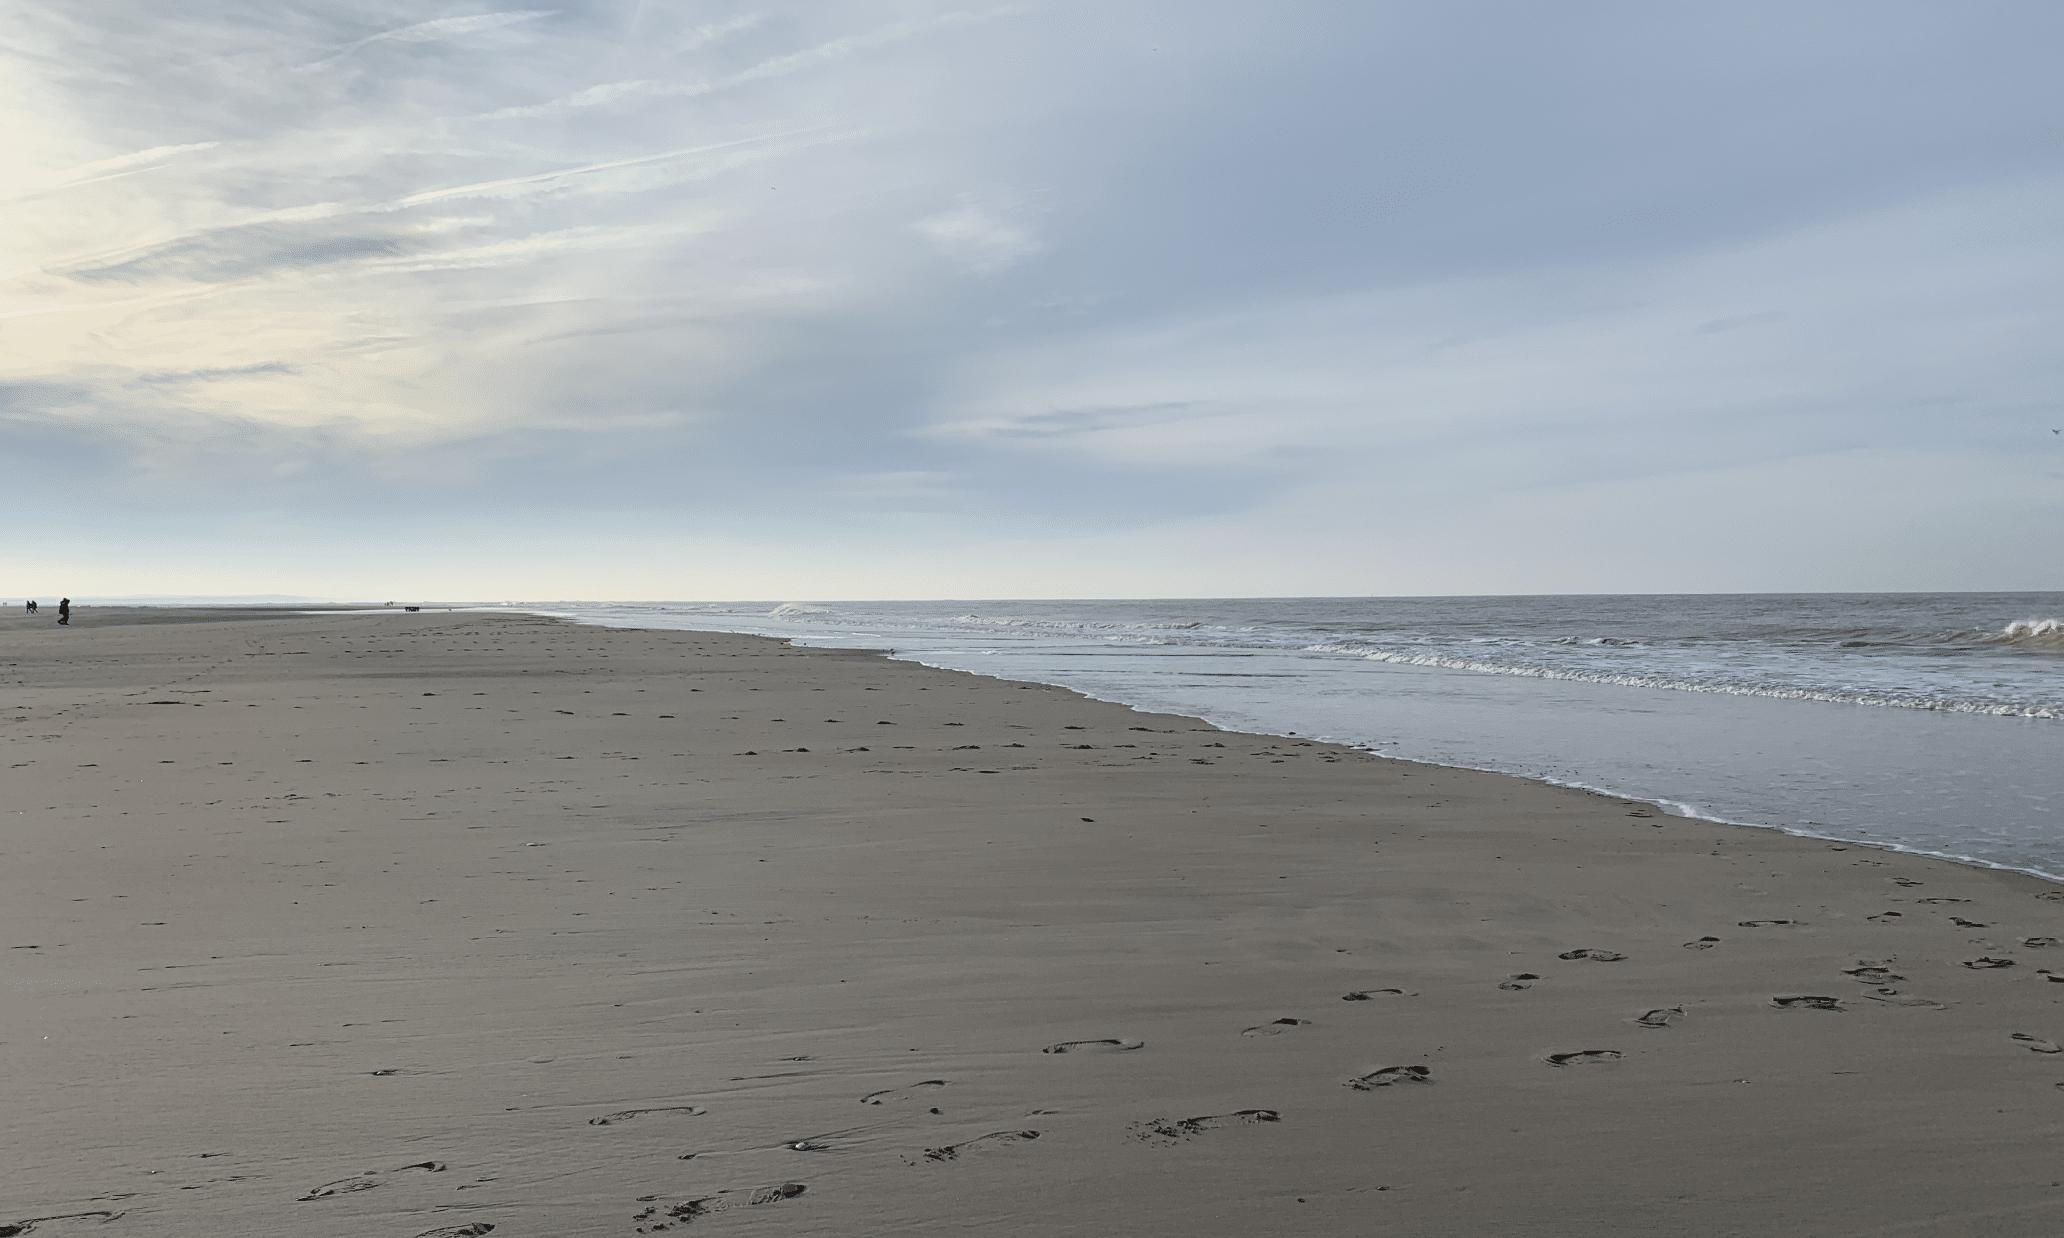 la plage de berck sur mer